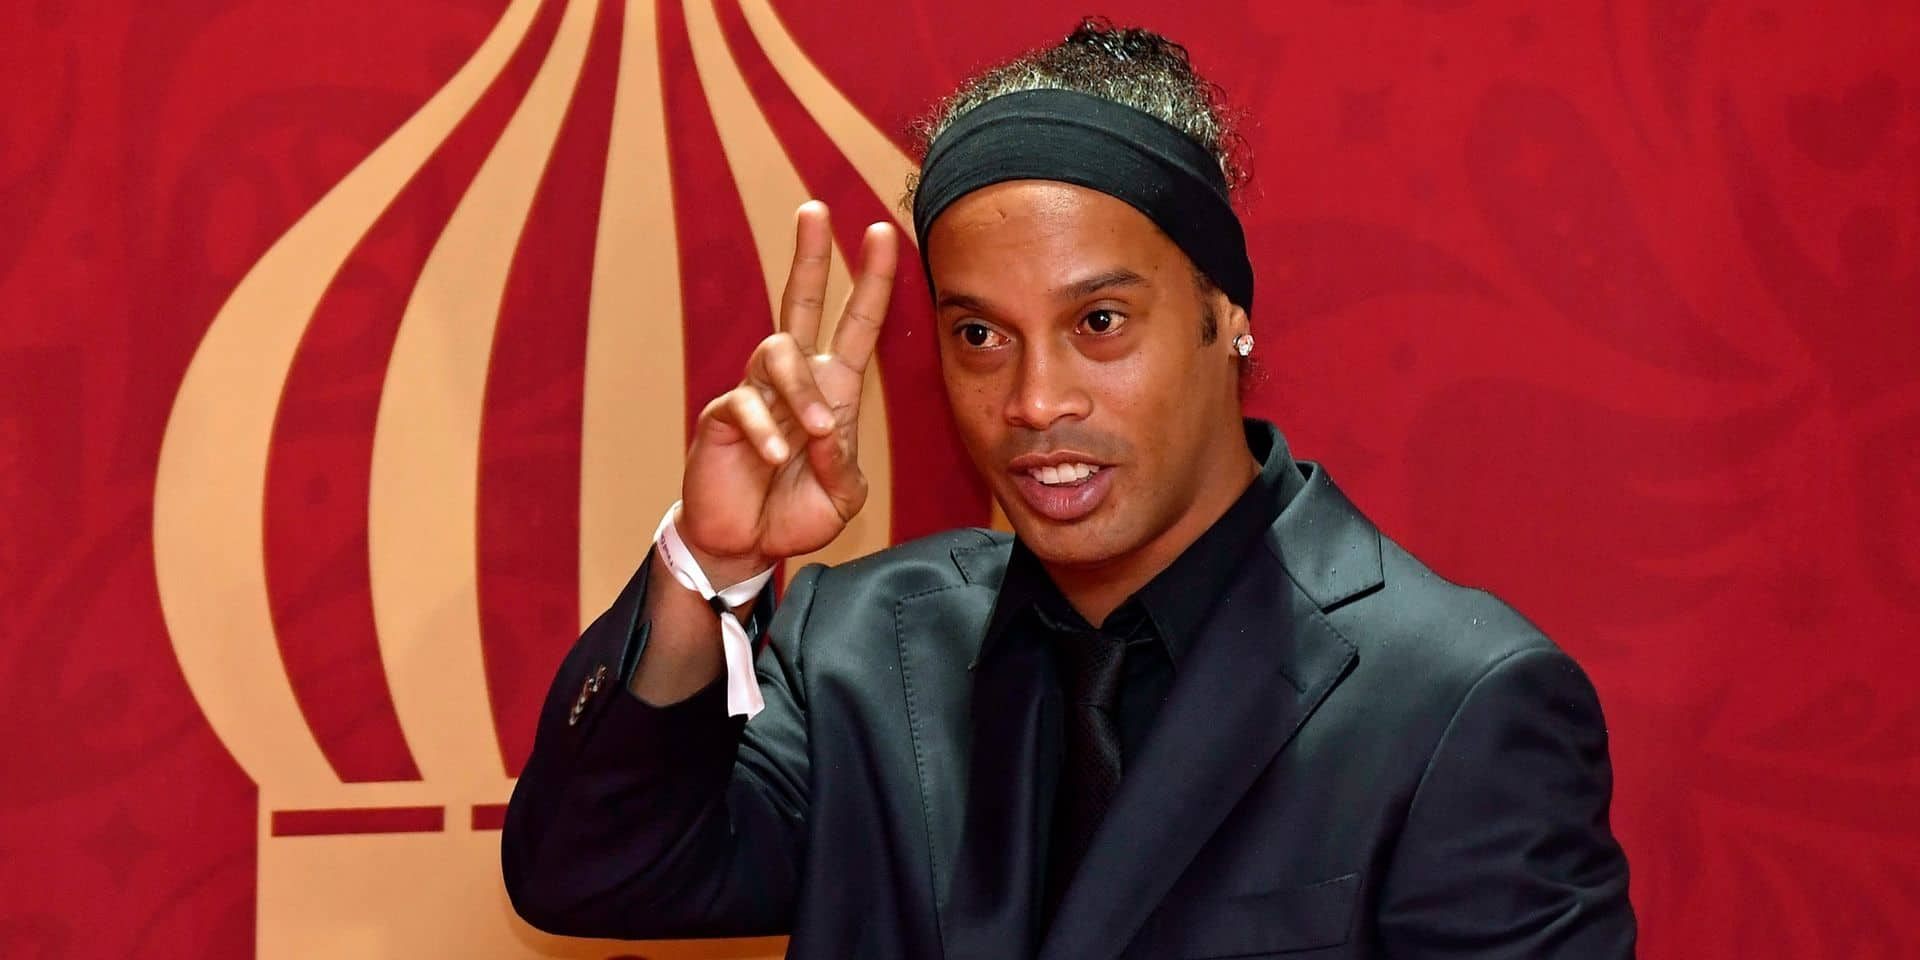 """Ronaldinho s'exprime sur sa détention: """"Cette expérience difficile restera ancrée toute ma vie"""""""